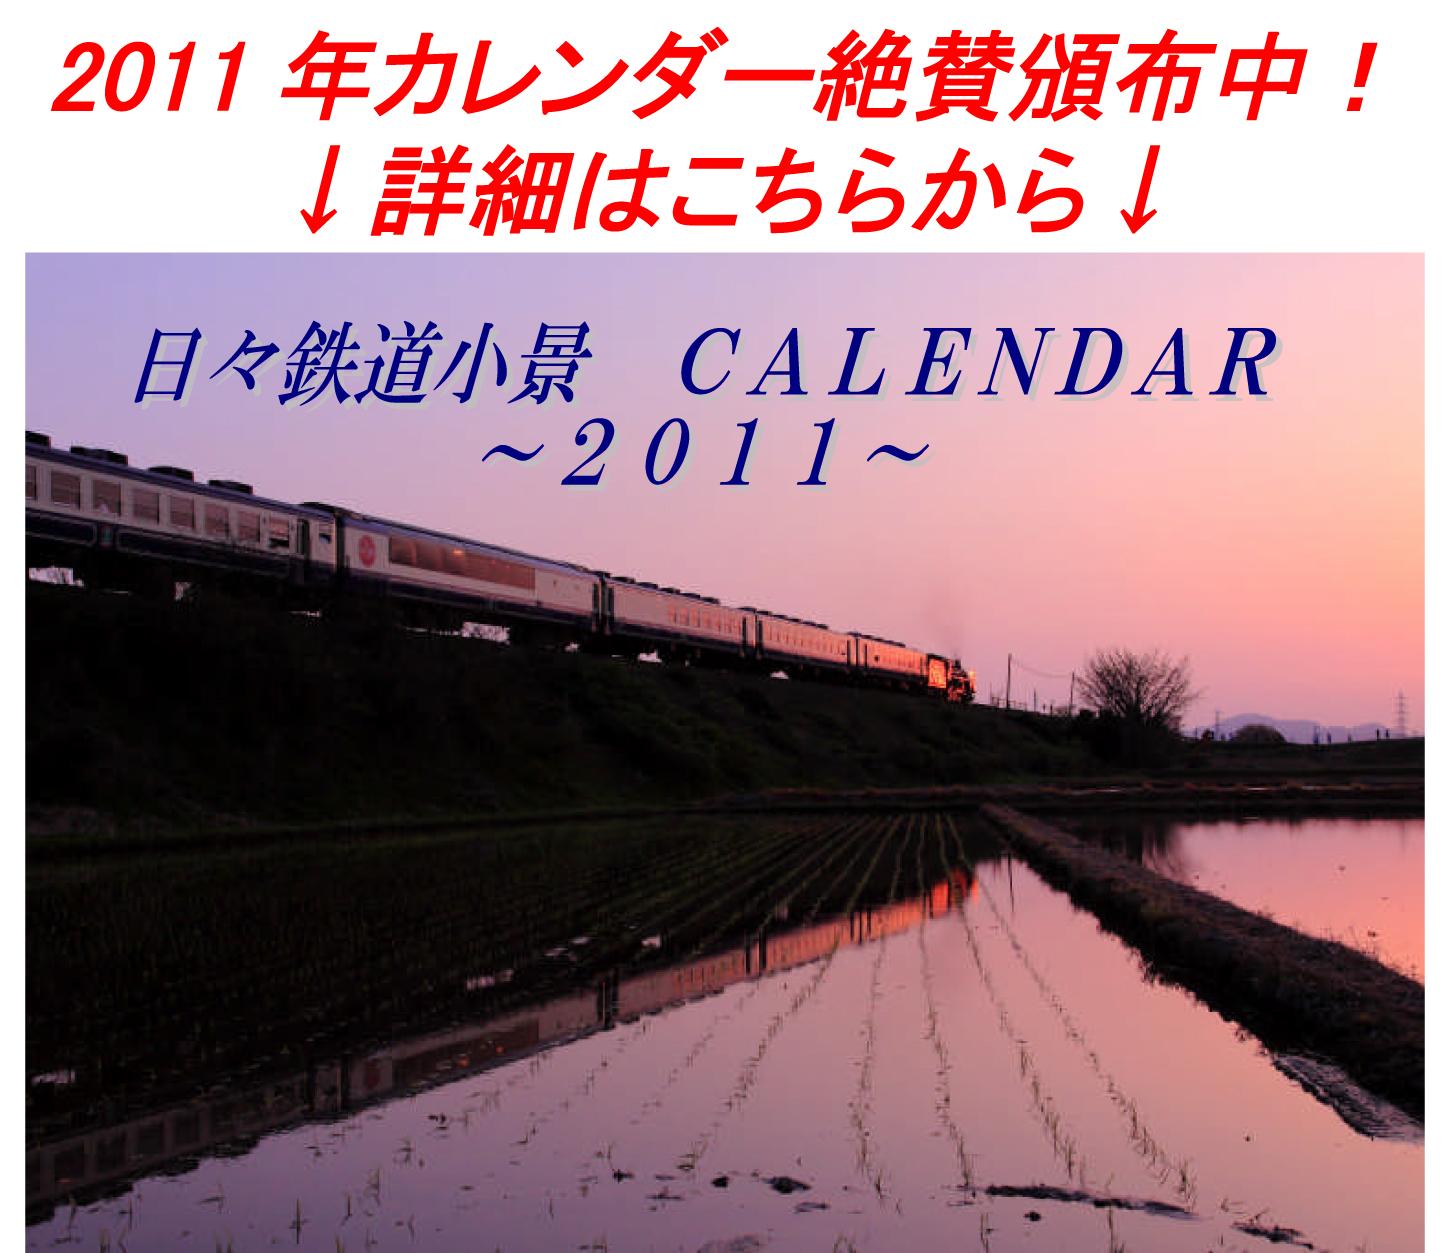 2011年カレンダー頒布について